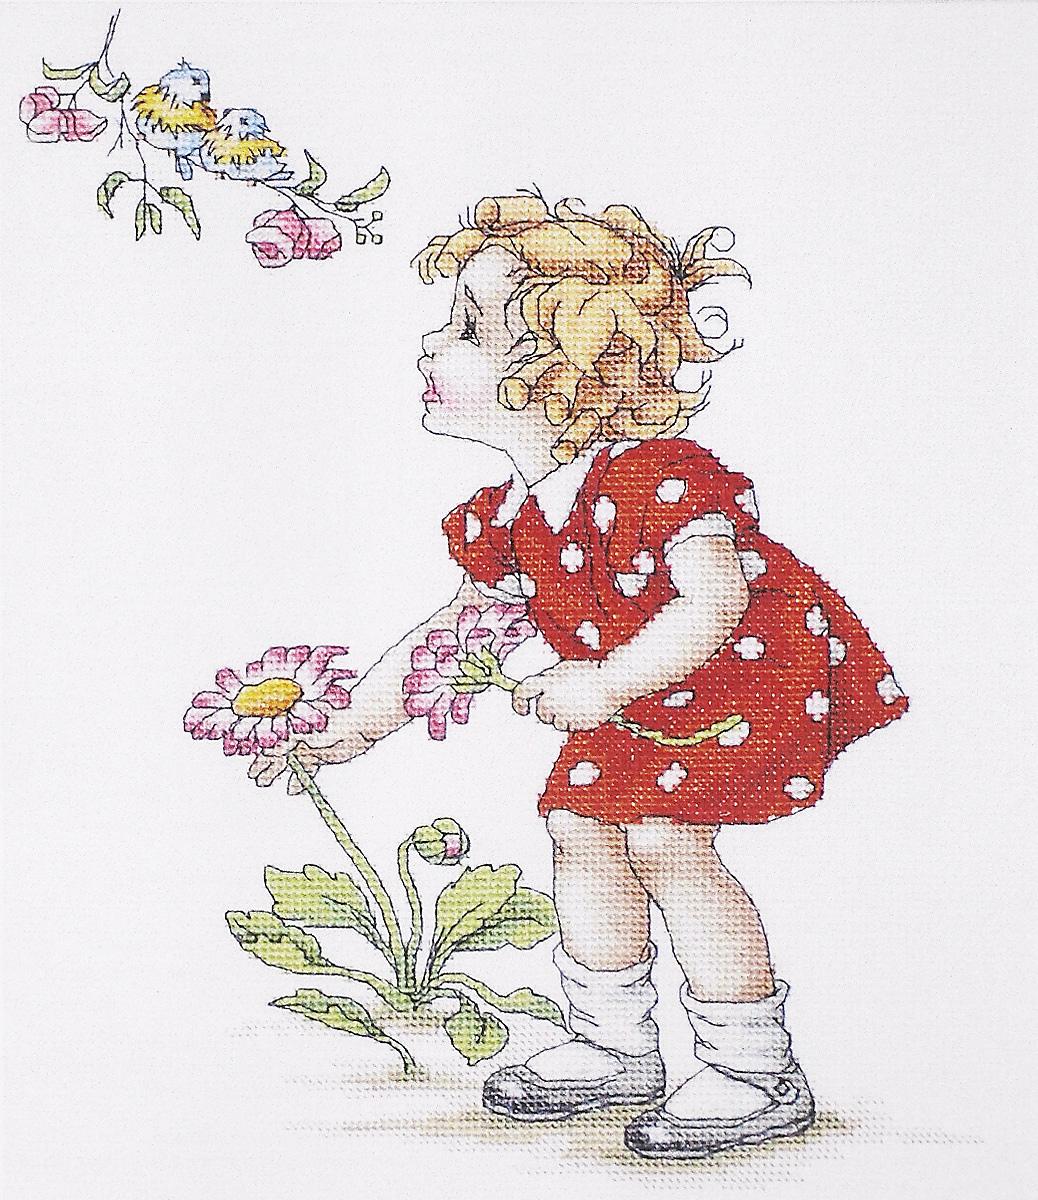 Набор для вышивания крестом Luca-S Девочка в красном платье, 19,5 х 24 смB1050Набор для вышивания крестом Luca-S Девочка в красном платье поможет создать красивую вышитую картину. Рисунок-вышивка, выполненный на канве, выглядит стильно и модно. Вышивание отвлечет вас от повседневных забот и превратится в увлекательное занятие! Работа, сделанная своими руками, не только украсит интерьер дома, придав ему уют и оригинальность, но и будет отличным подарком для друзей и близких! Набор содержит все необходимые материалы для вышивки на канве в технике счетный крест. В набор входит: - канва Aida Zweigart №16 (белого цвета), - мулине Anchor - 100% мерсеризованный хлопок (37 цветов), - черно-белая символьная схема, - инструкция на русском языке, - игла. Размер готовой работы: 19,5 х 24 см. Размер канвы: 36 х 30 см.